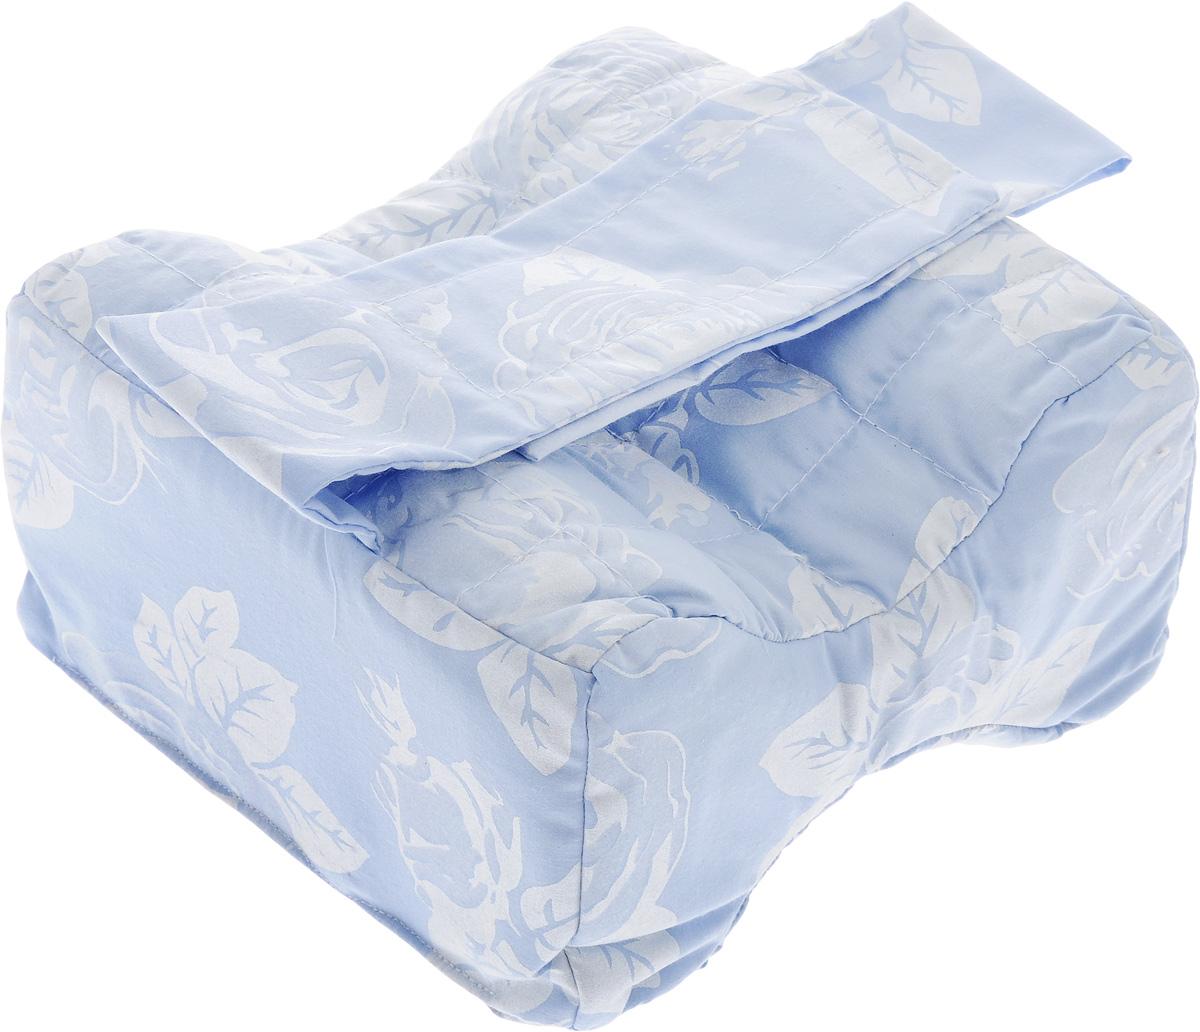 Подушка для ног Smart Textile Удобный сон, наполнитель: лузга гречихи, 21 х 12 х 20 смC230Подушка для ног Smart Textile Удобный сон наполнена лепестками лузги гречихи, которые обладают ортопедическим эффектом и являются экологически чистым материалом. Такая подушка идеально подходит для сна на боку и исключает неудобное положение ног. Форма изделия снижает давление одного колена на другое. Благодаря наполнителю из лепестков лузги гречихи подушка сохраняет комфортную температуру, препятствует потению, обминается по форме тела, обеспечивает микромассаж кожи и поверхностных мышц, что в свою очередь улучшает кровообращение, исключает затечность ног. Чехол подушки выполнен из тиковой ткани, которая хорошо удерживает наполнитель и надолго сохраняет форму. Особенно хорошо подходит для домашнего ухода для людей с постельным режимом. Рекомендации по уходу: Стирка, отбеливание и глажка утюгом запрещены. Рекомендуется обычная химчистка, а также сушка на горизонтальной плоскости в тени.